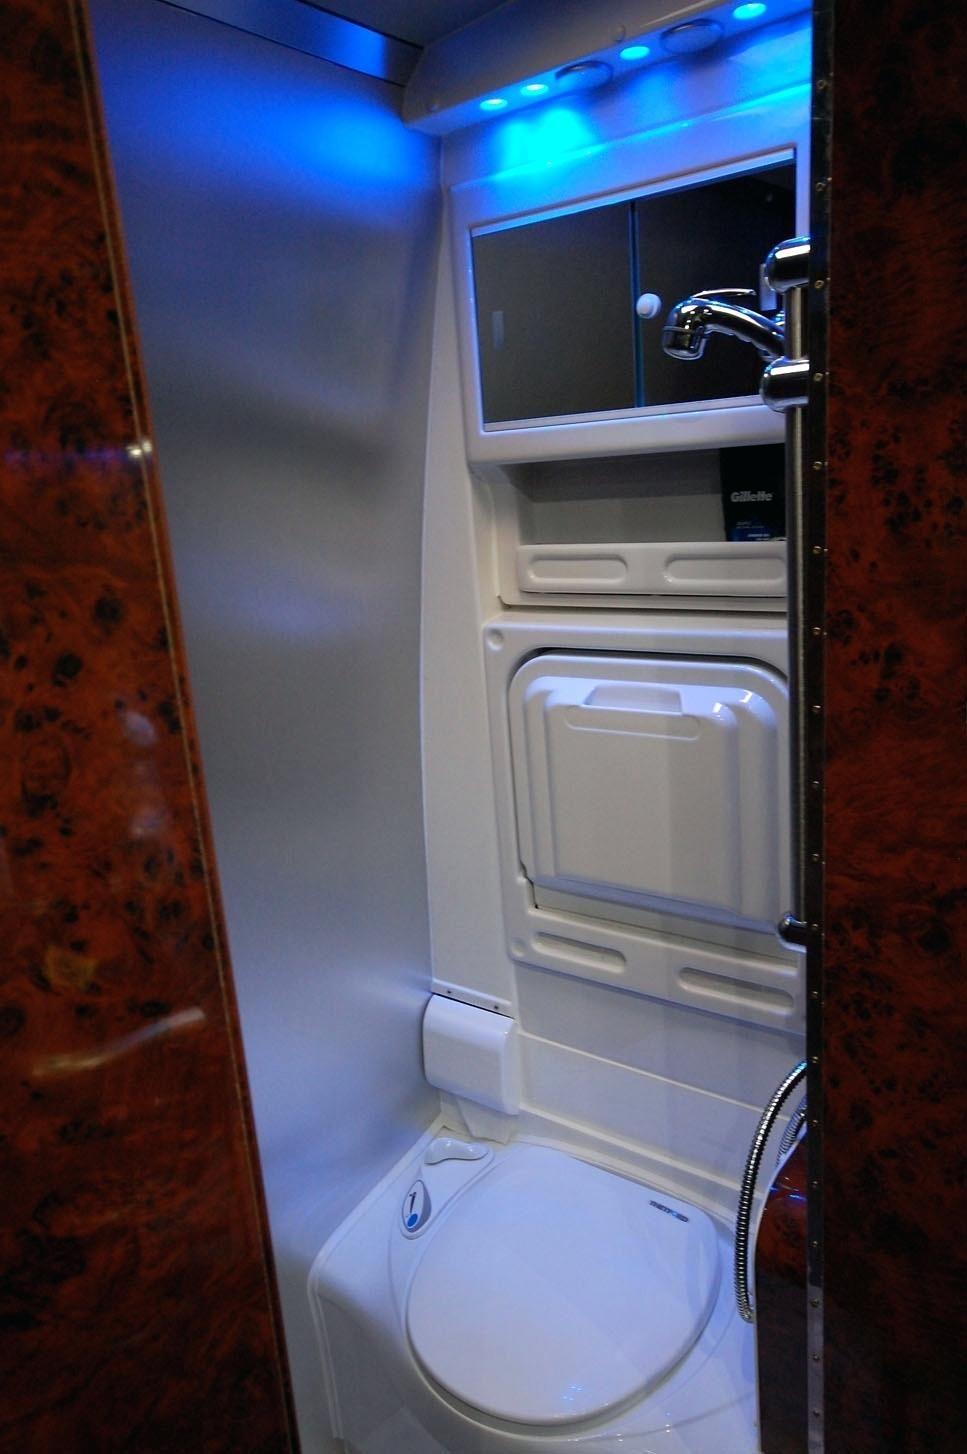 American Standard Fawn Beige Toilet Rv Shower Sink Combo